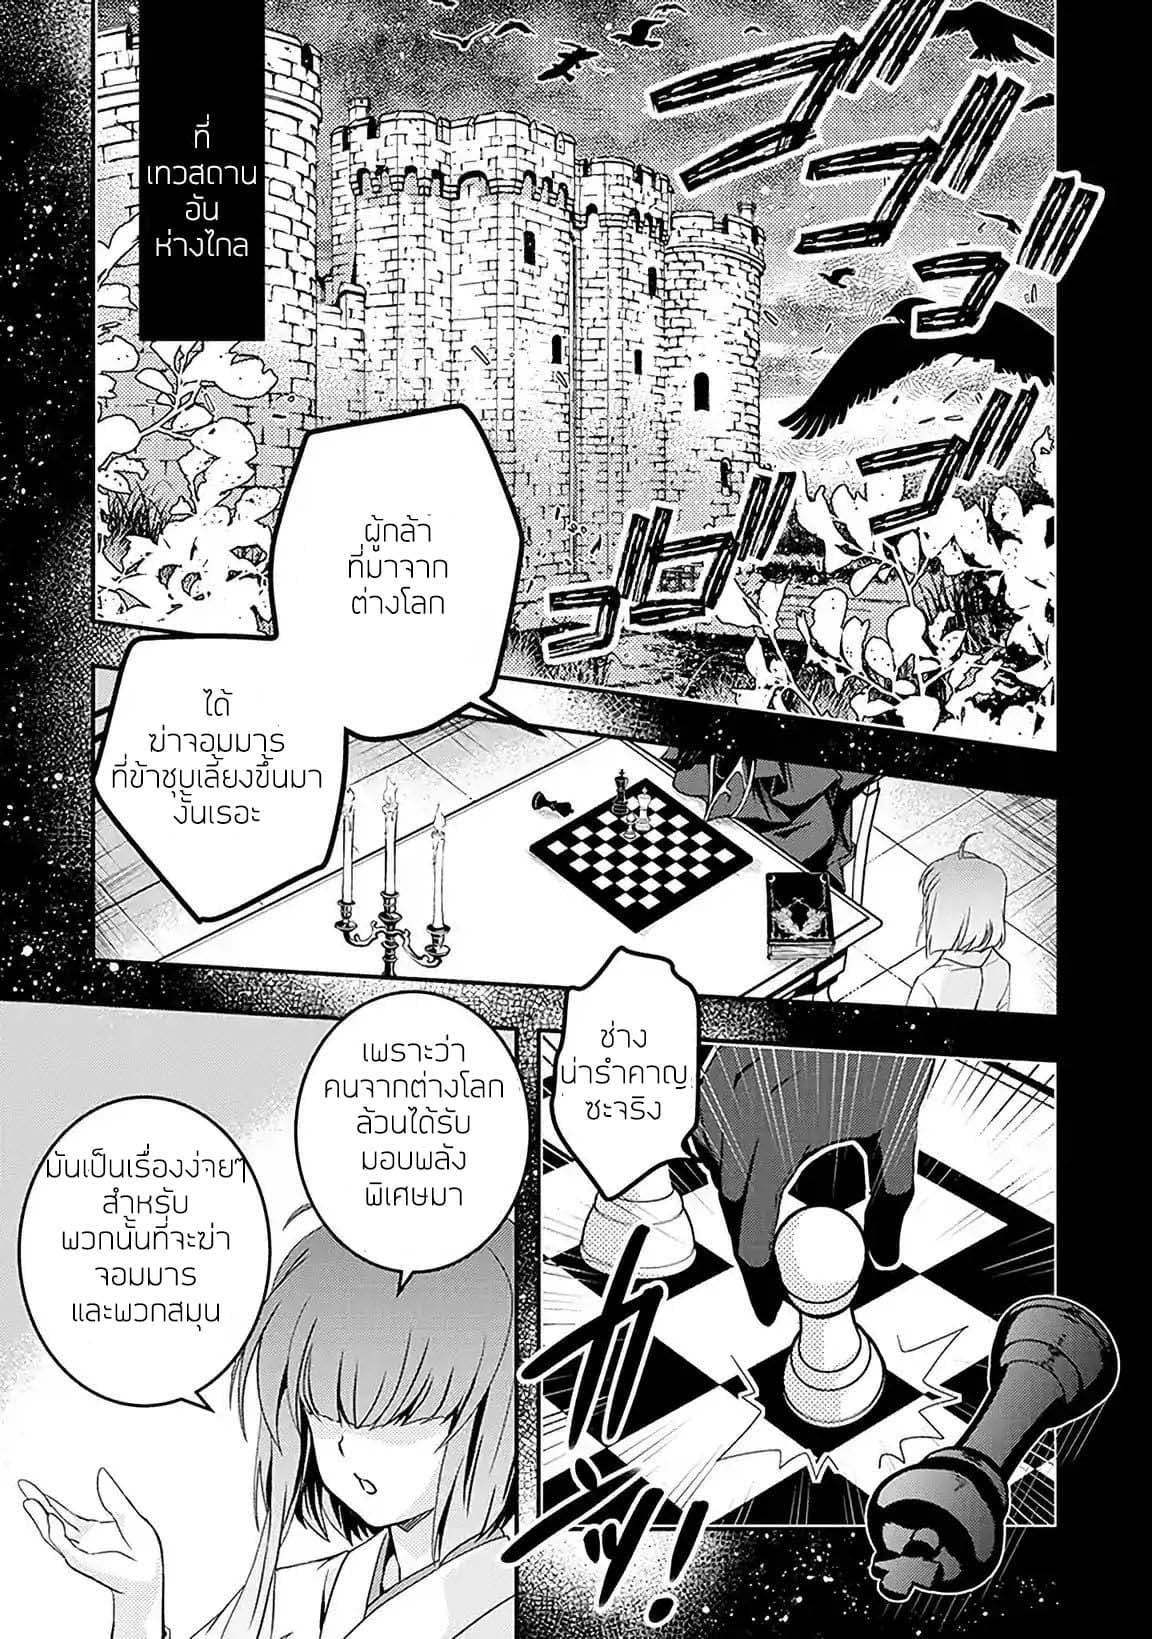 Level 1 no Saikyou kenja ~Noroi de sai kakyuu mahou shika tsukaenaikedo kami no kanchigai de mugen no maryoku o te ni ire saikyou ni~-ตอนที่ 1